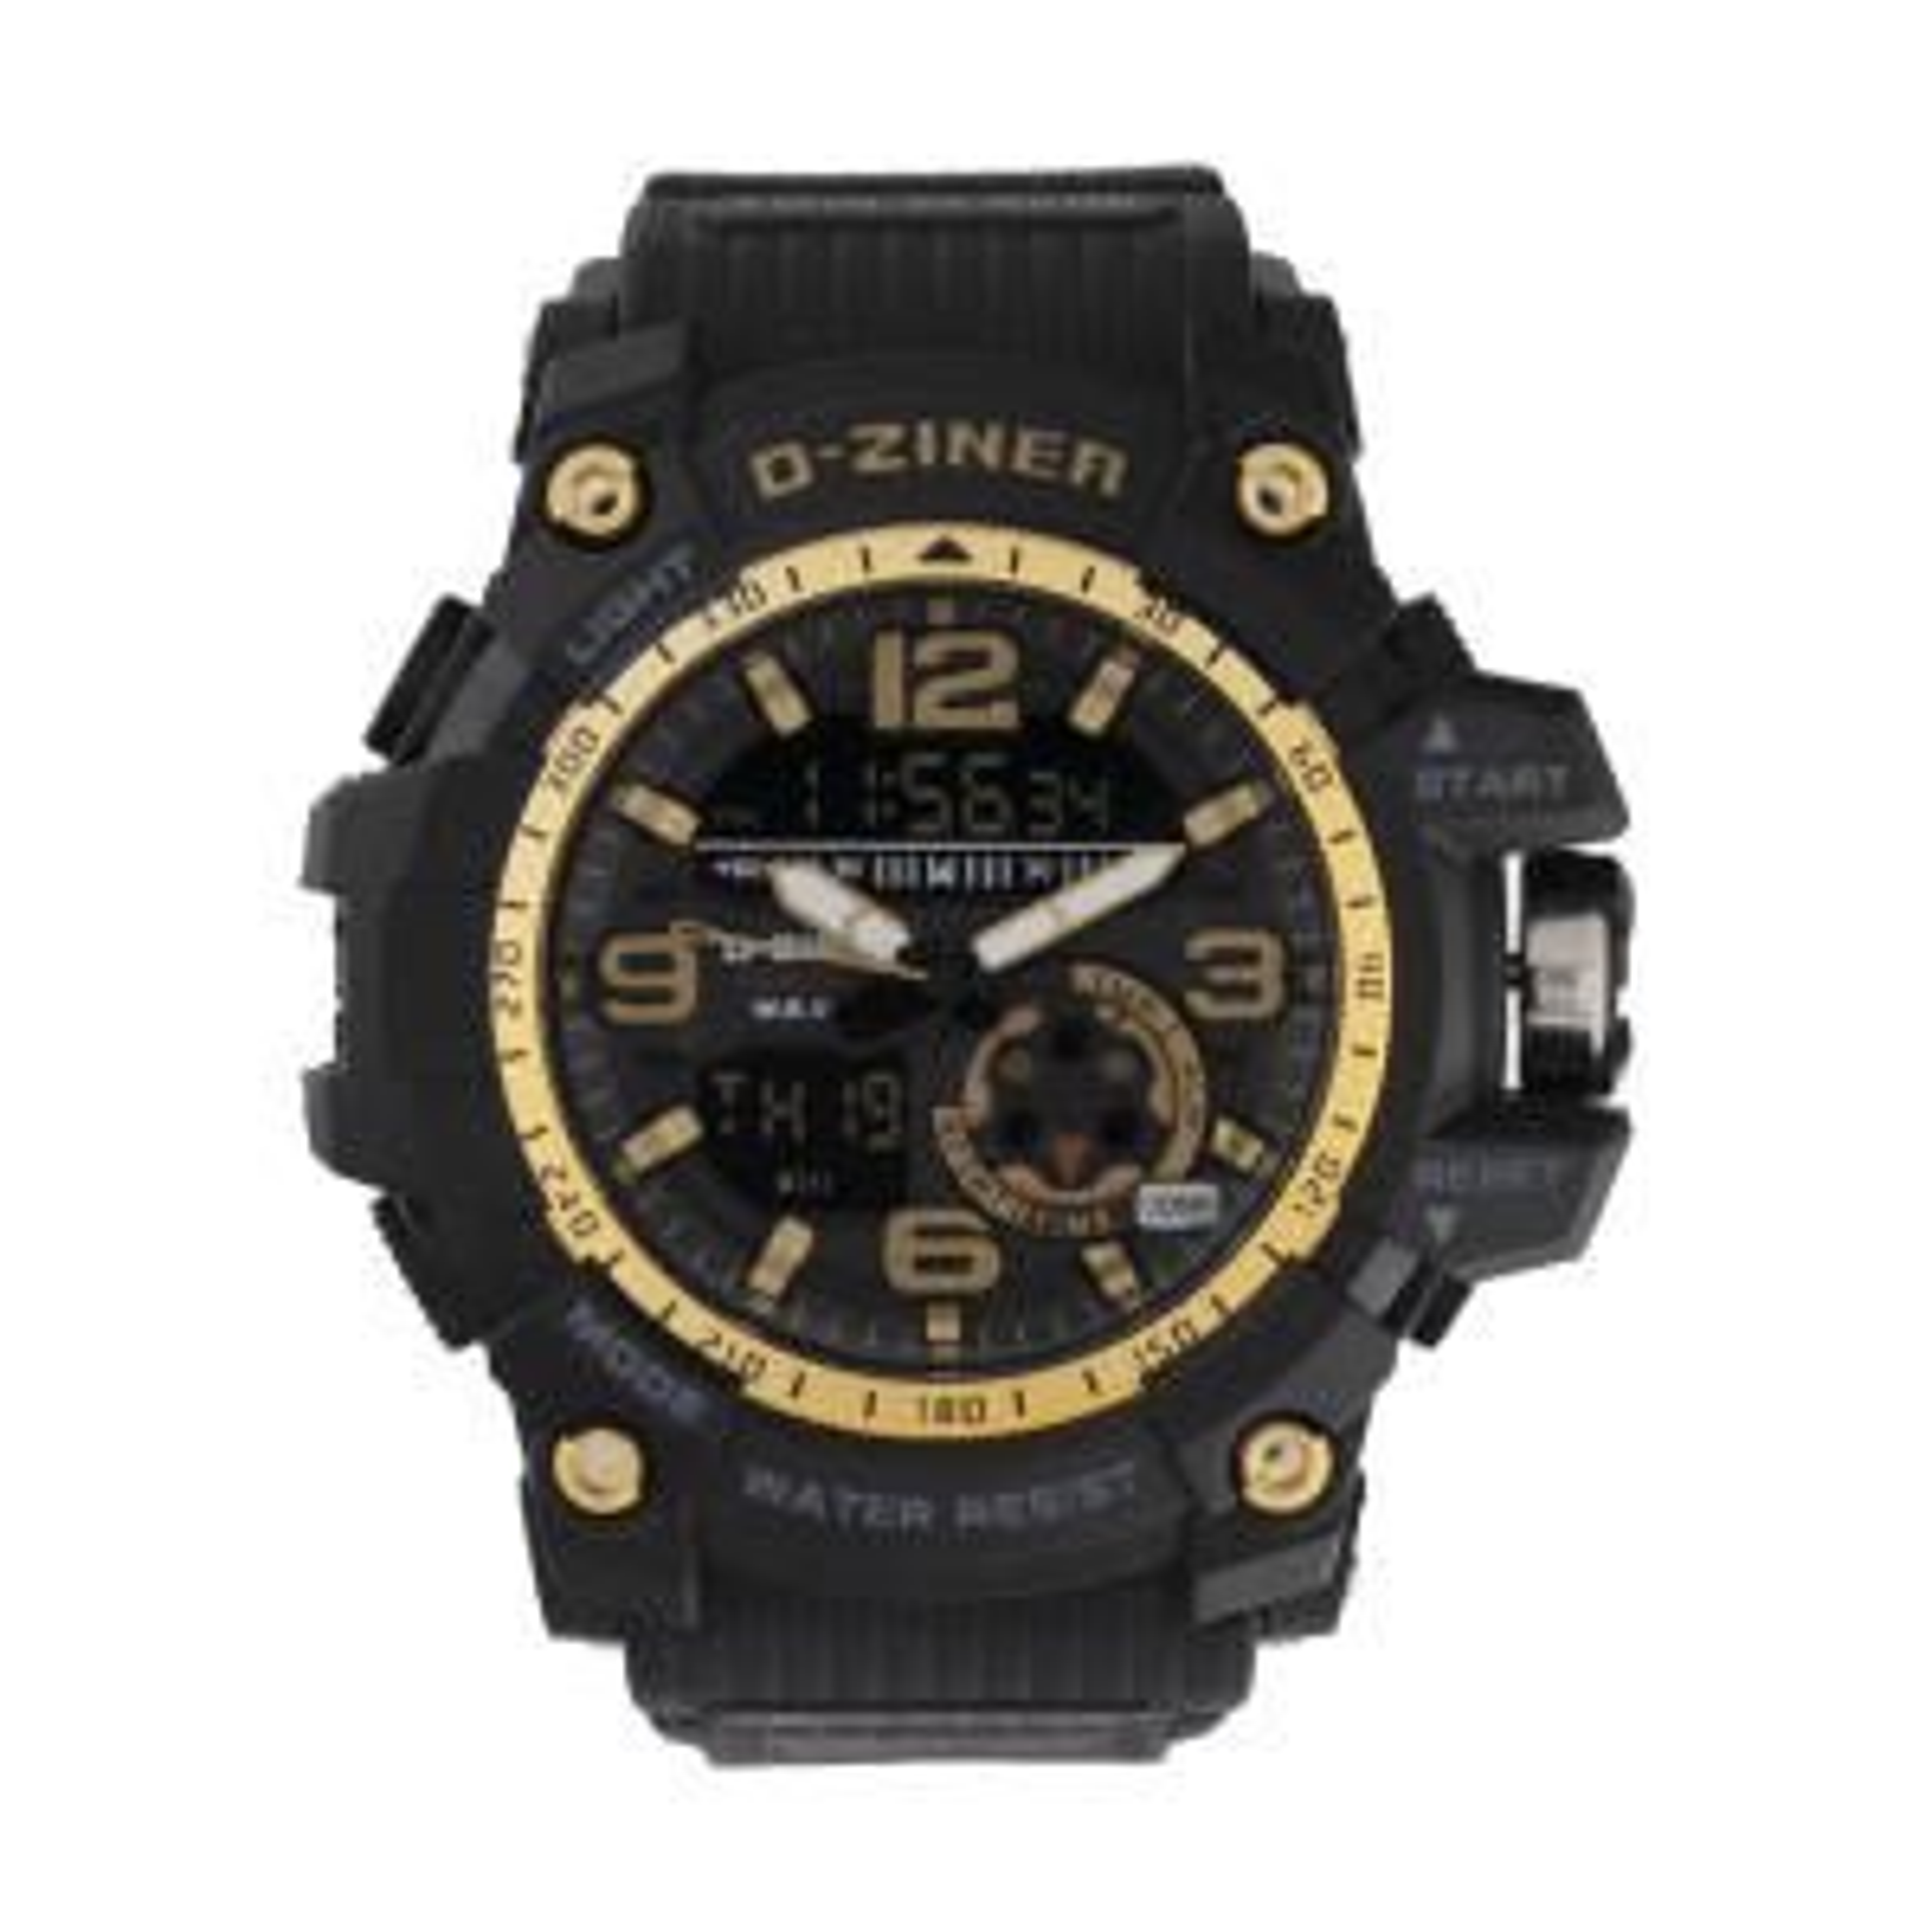 ساعت مچی عقربه ای مردانه دیزاینر مدل D-Z7040 1